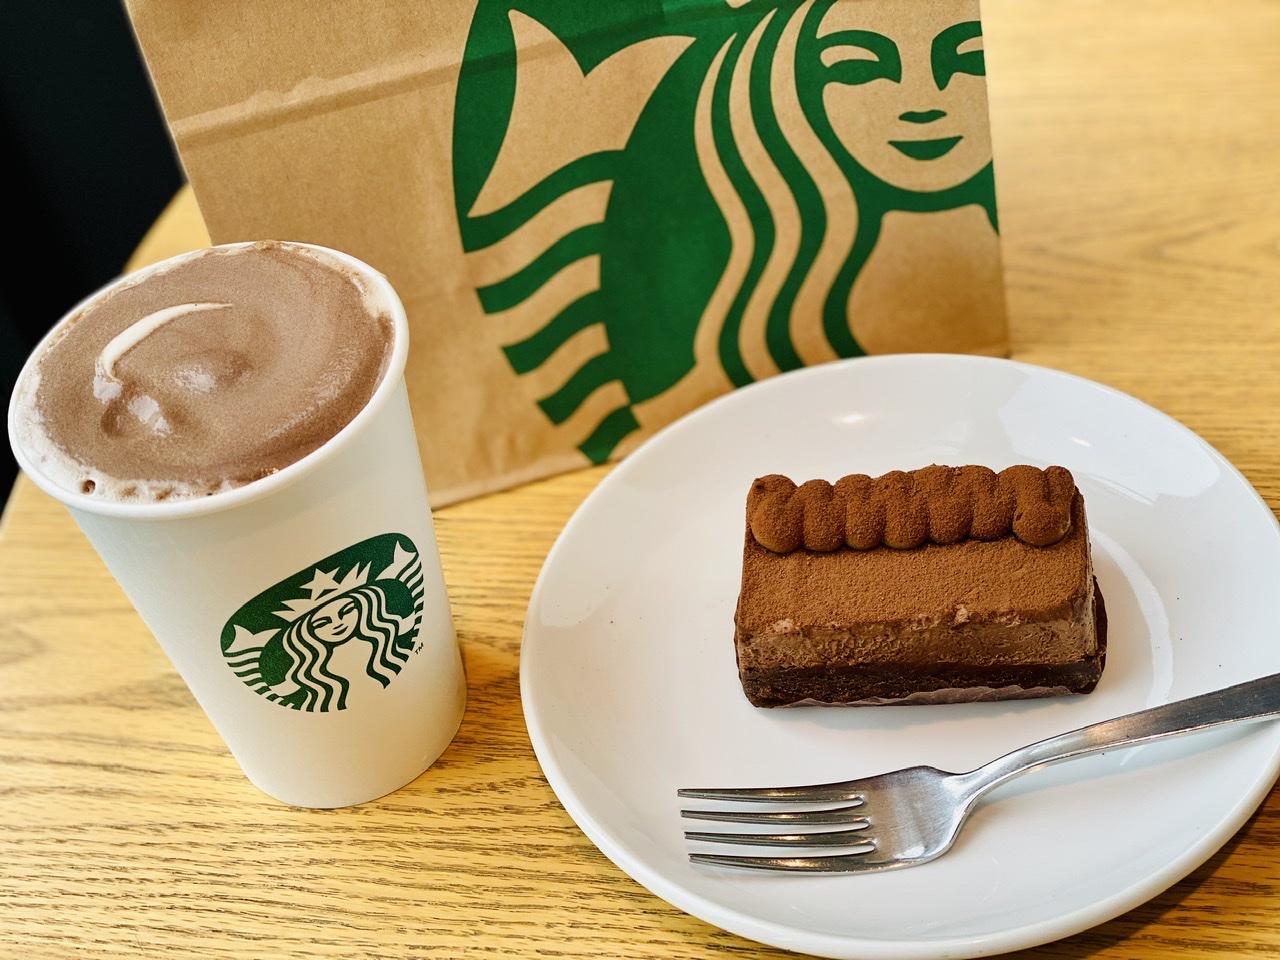 【スタバ】絶対食べたい!新作バレンタインケーキ《デザート ザ ショコラ》が超絶美味♡_1